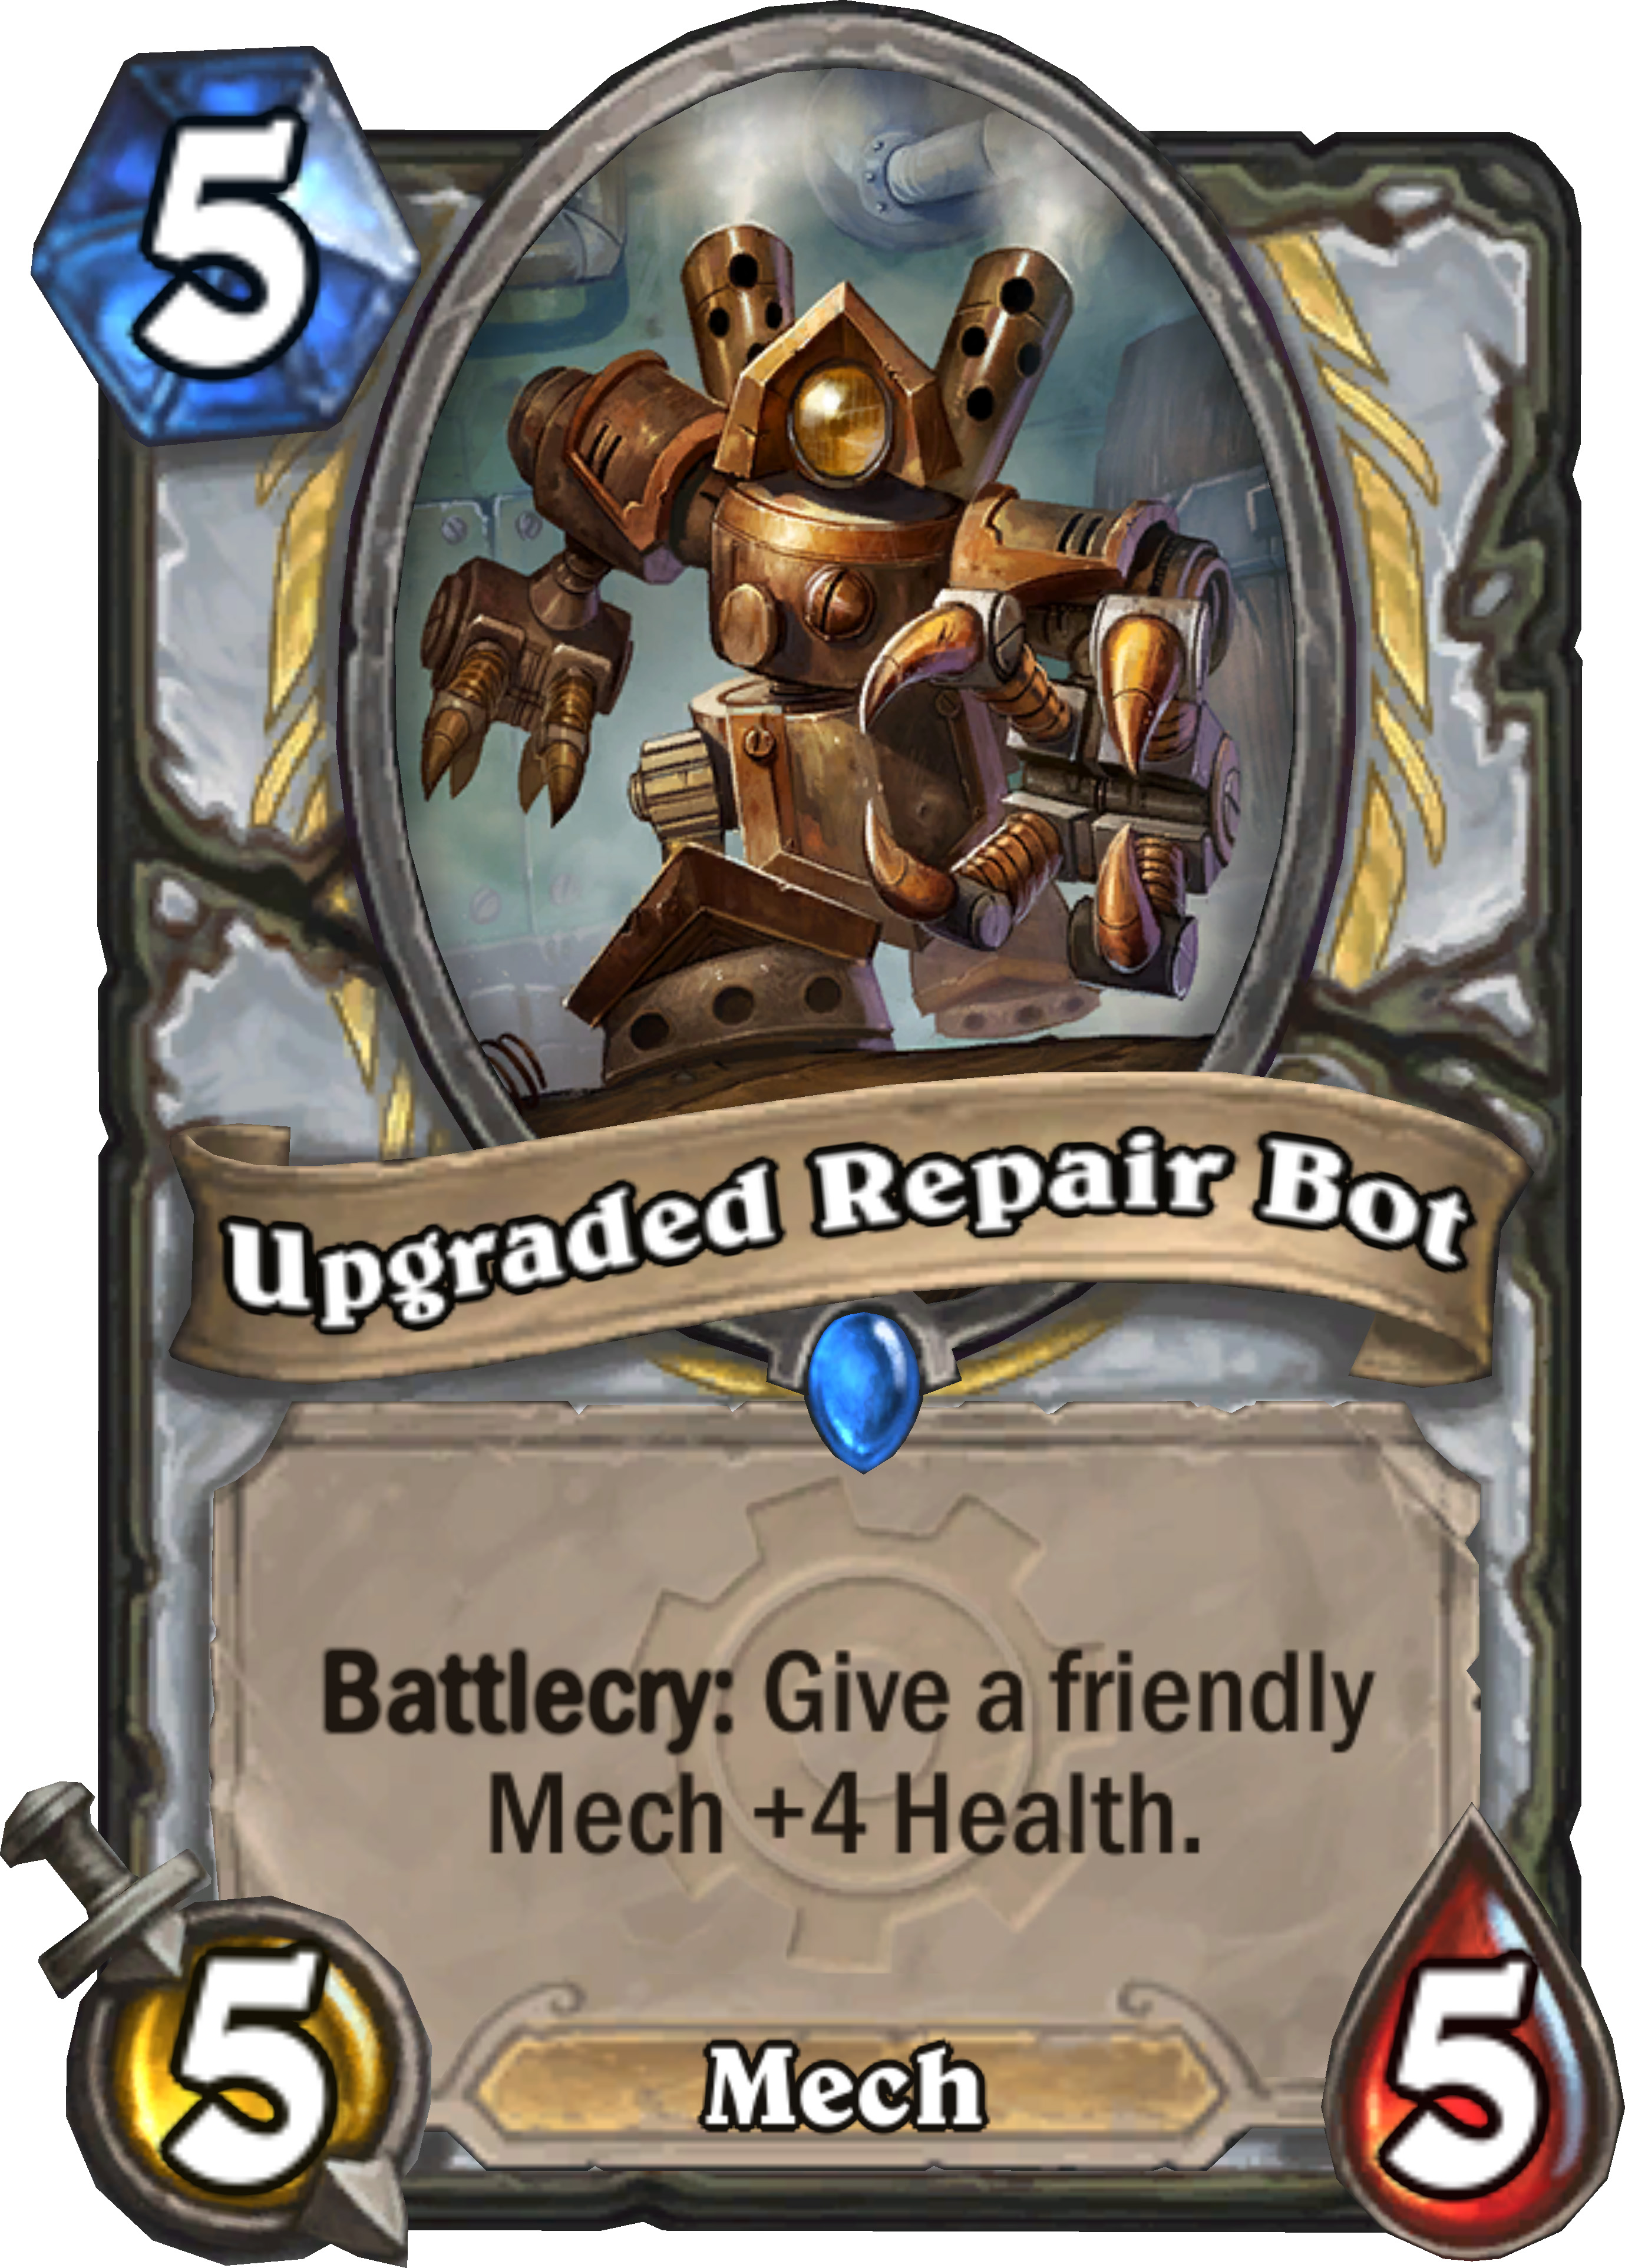 UPGRADED REPAIR BOT